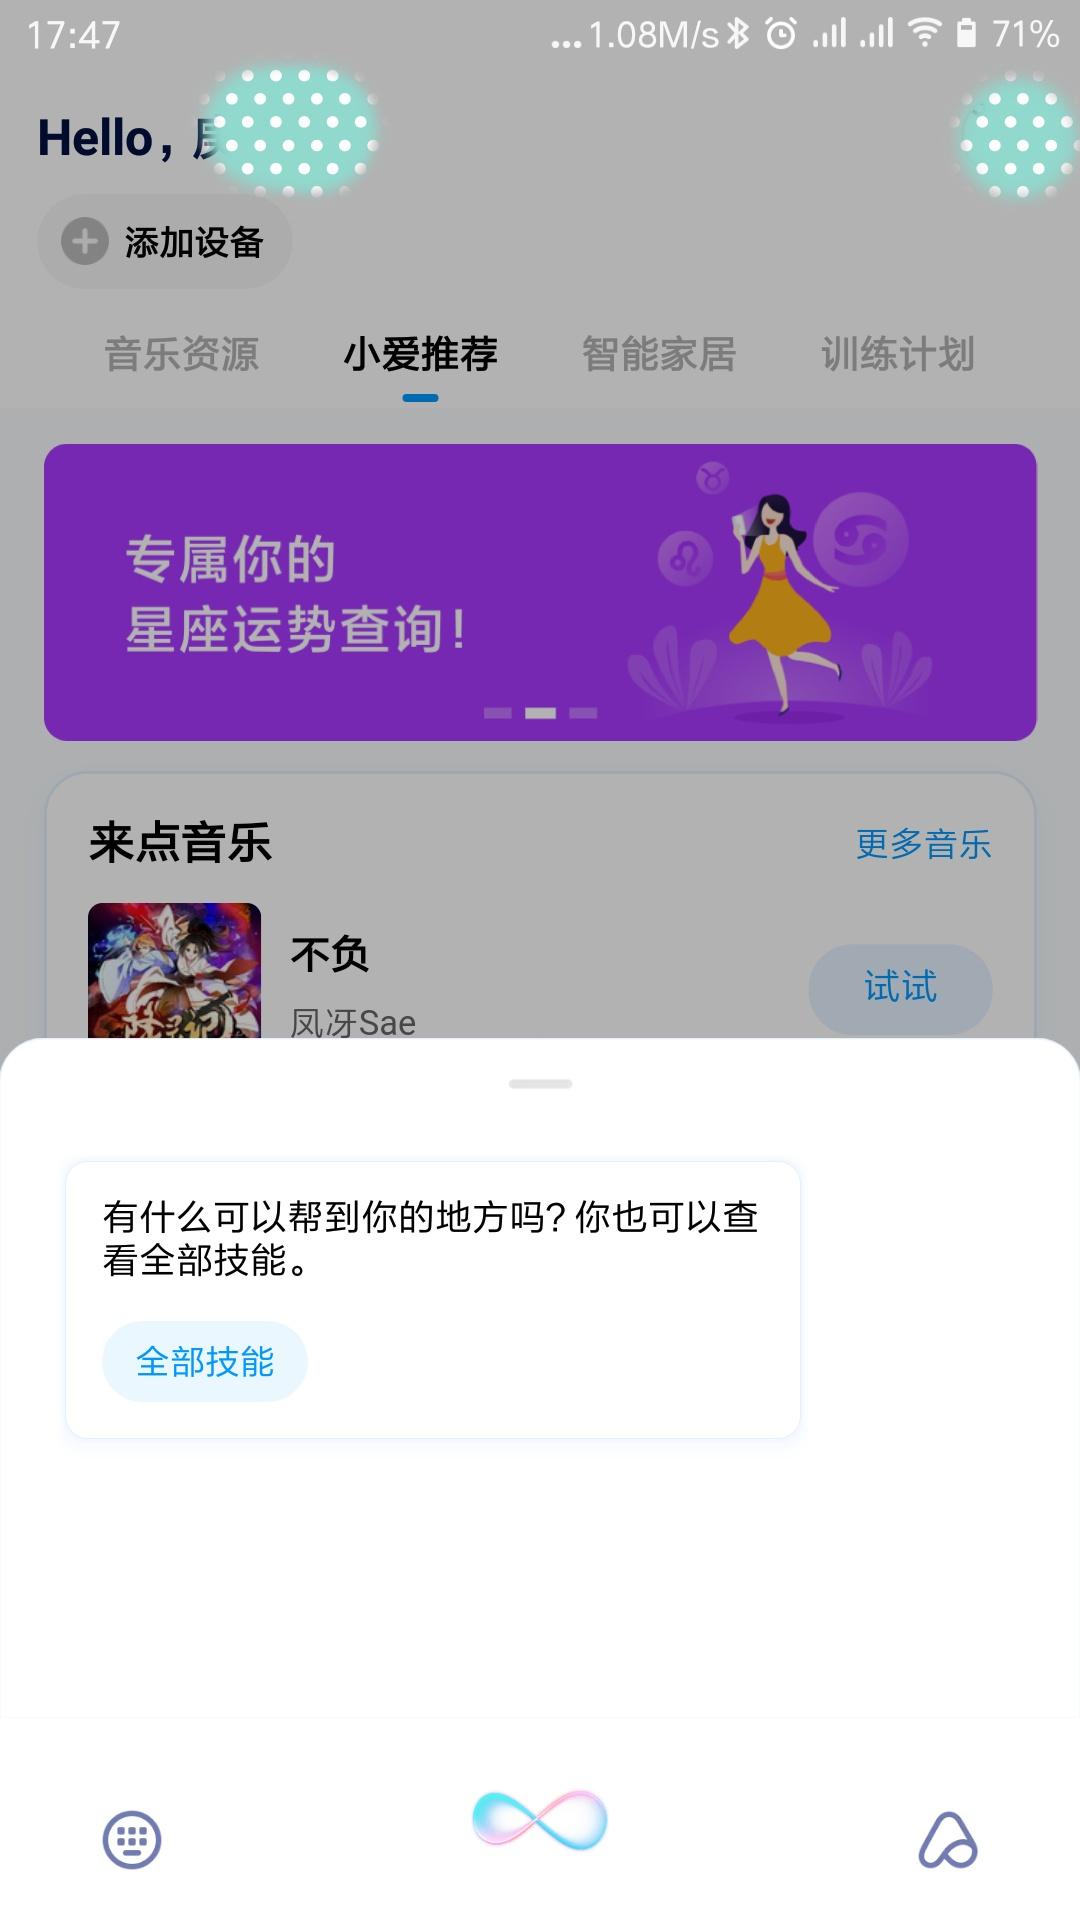 Screenshot_2020-05-16-17-47-16-992_com.xiaomi.xiaoailite.png